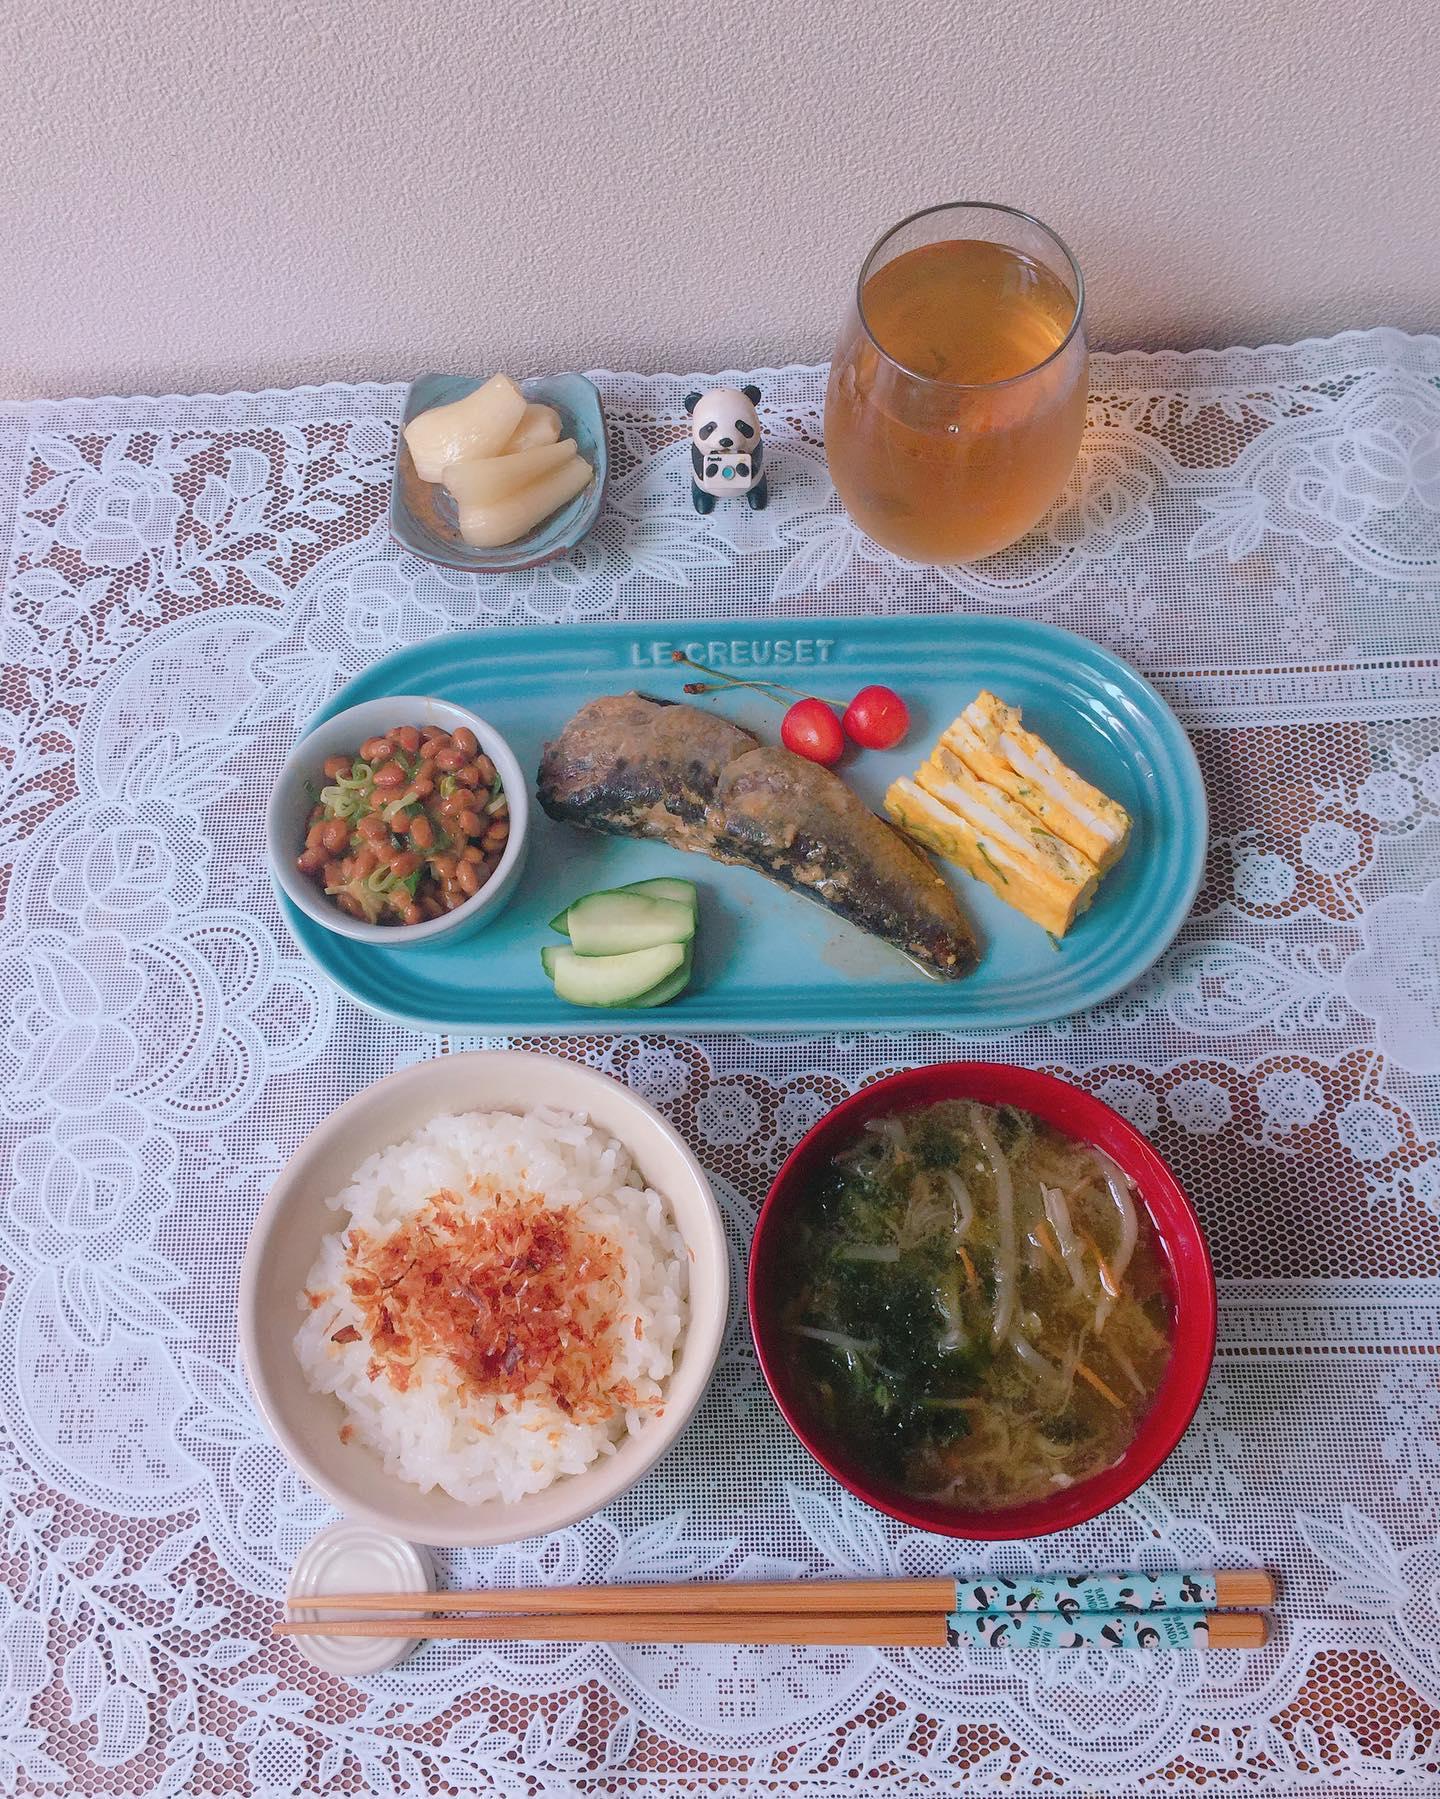 口コミ投稿:朝ごはんのお供で最近のお気に入りは江戸時代から伝わる北九州は小倉郷土料理の「糠…